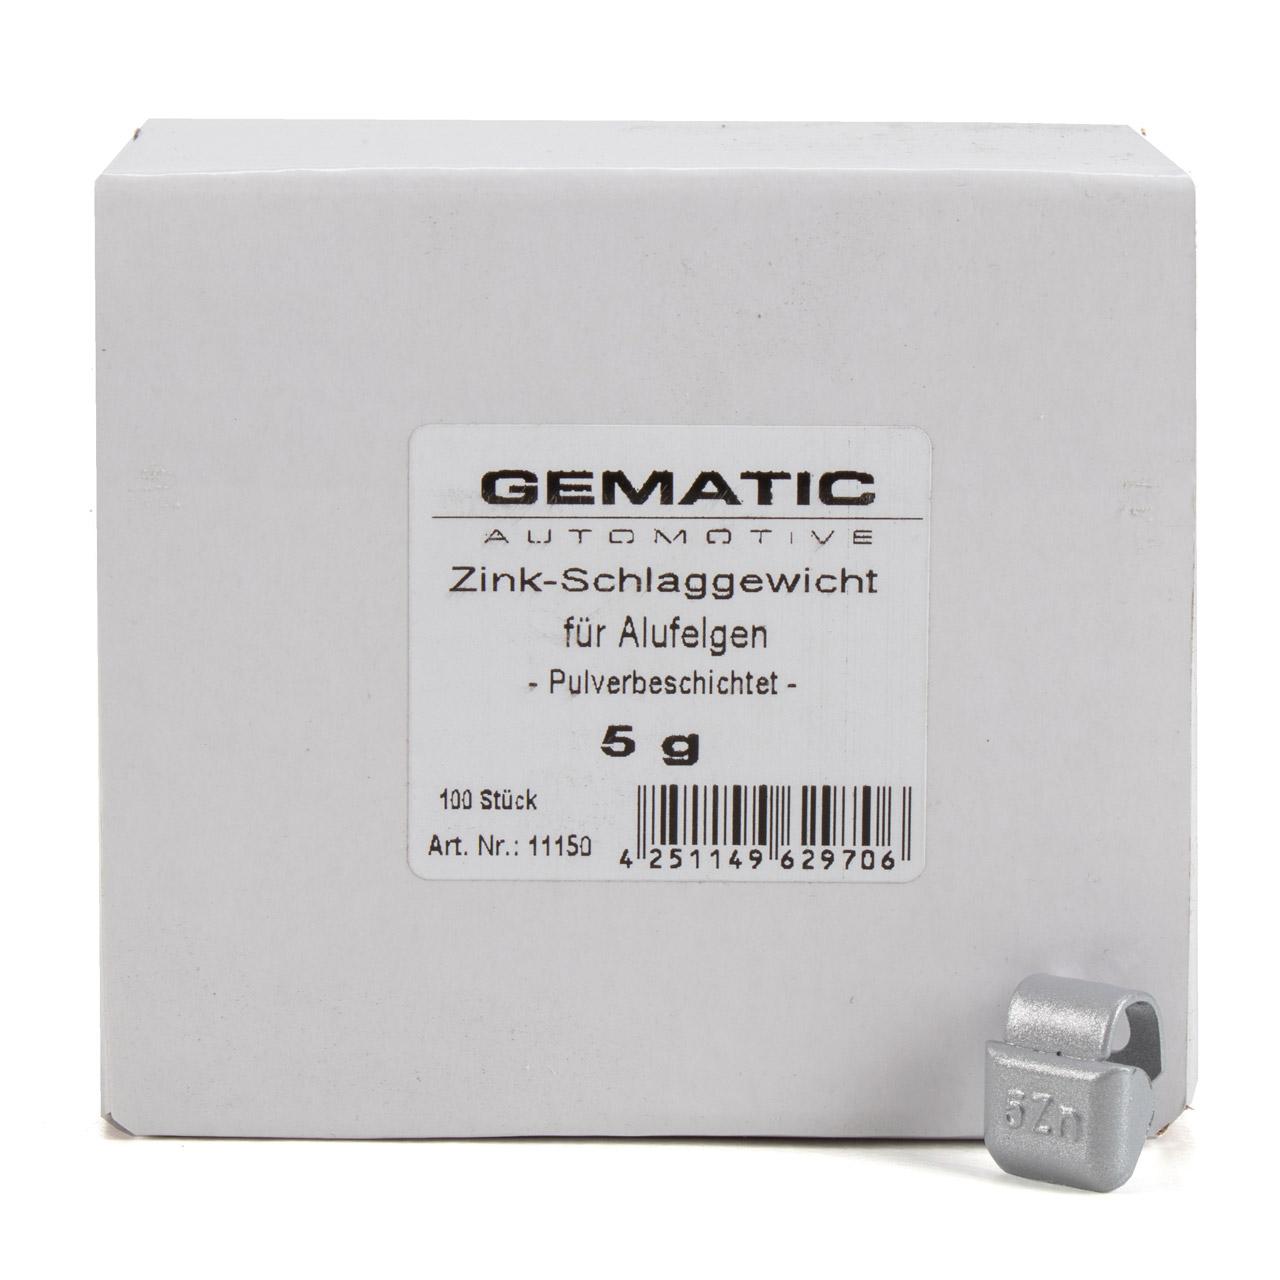 GEMATIC Auswuchtgewicht Schlaggewicht für Alufelge GRAU-ZINK 100 Stück x 5g